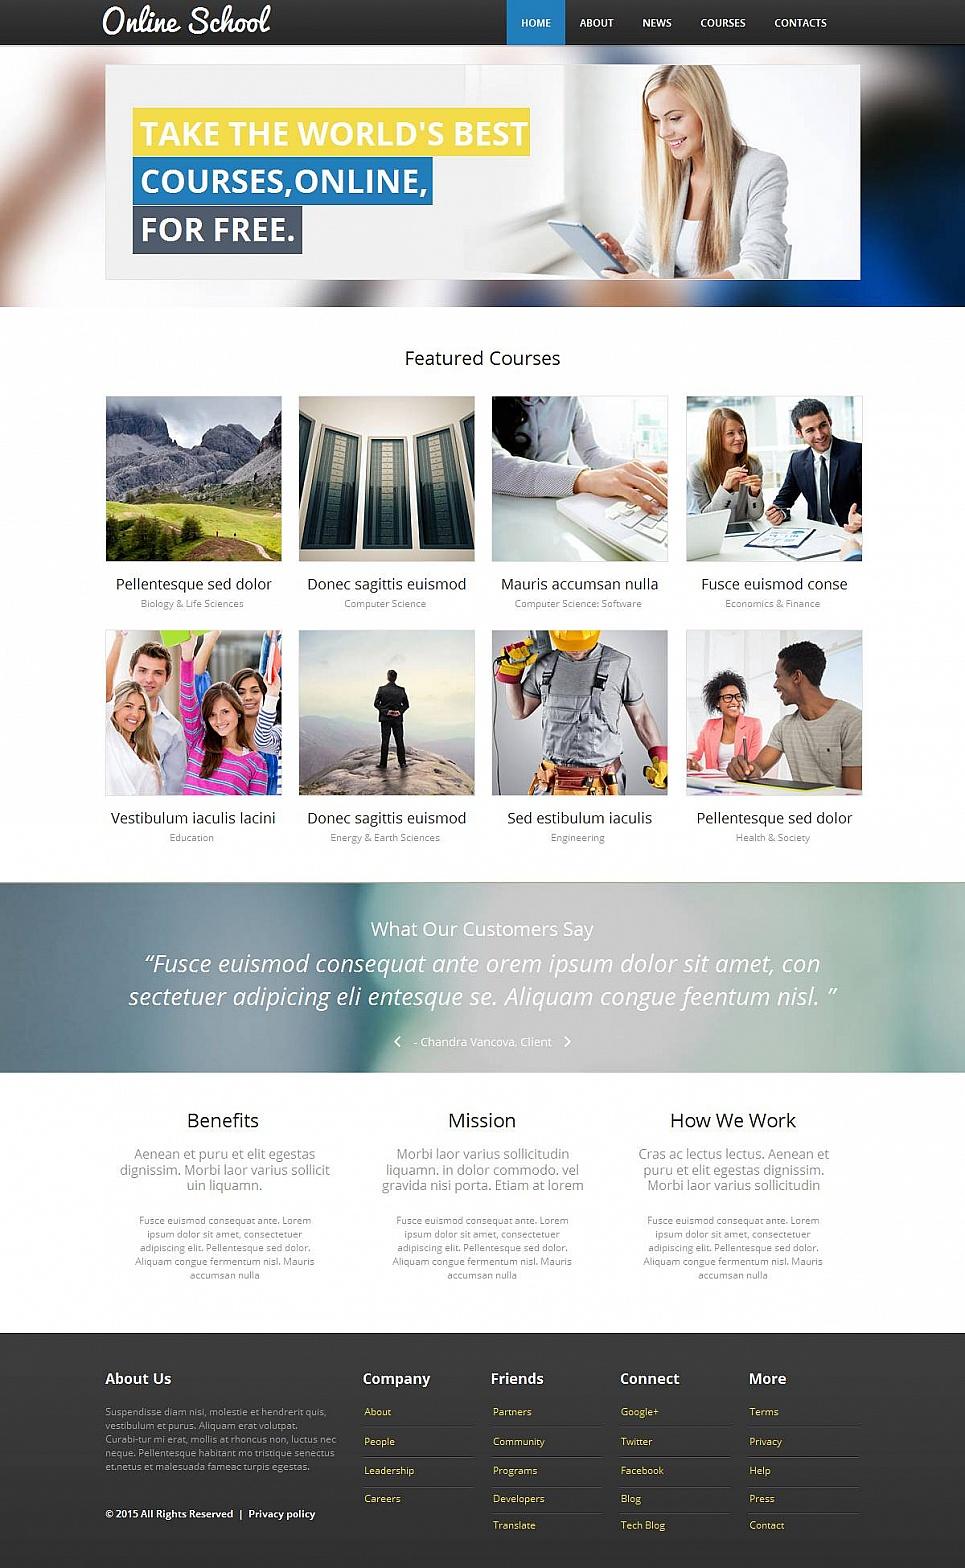 Online Courses Web Design - image